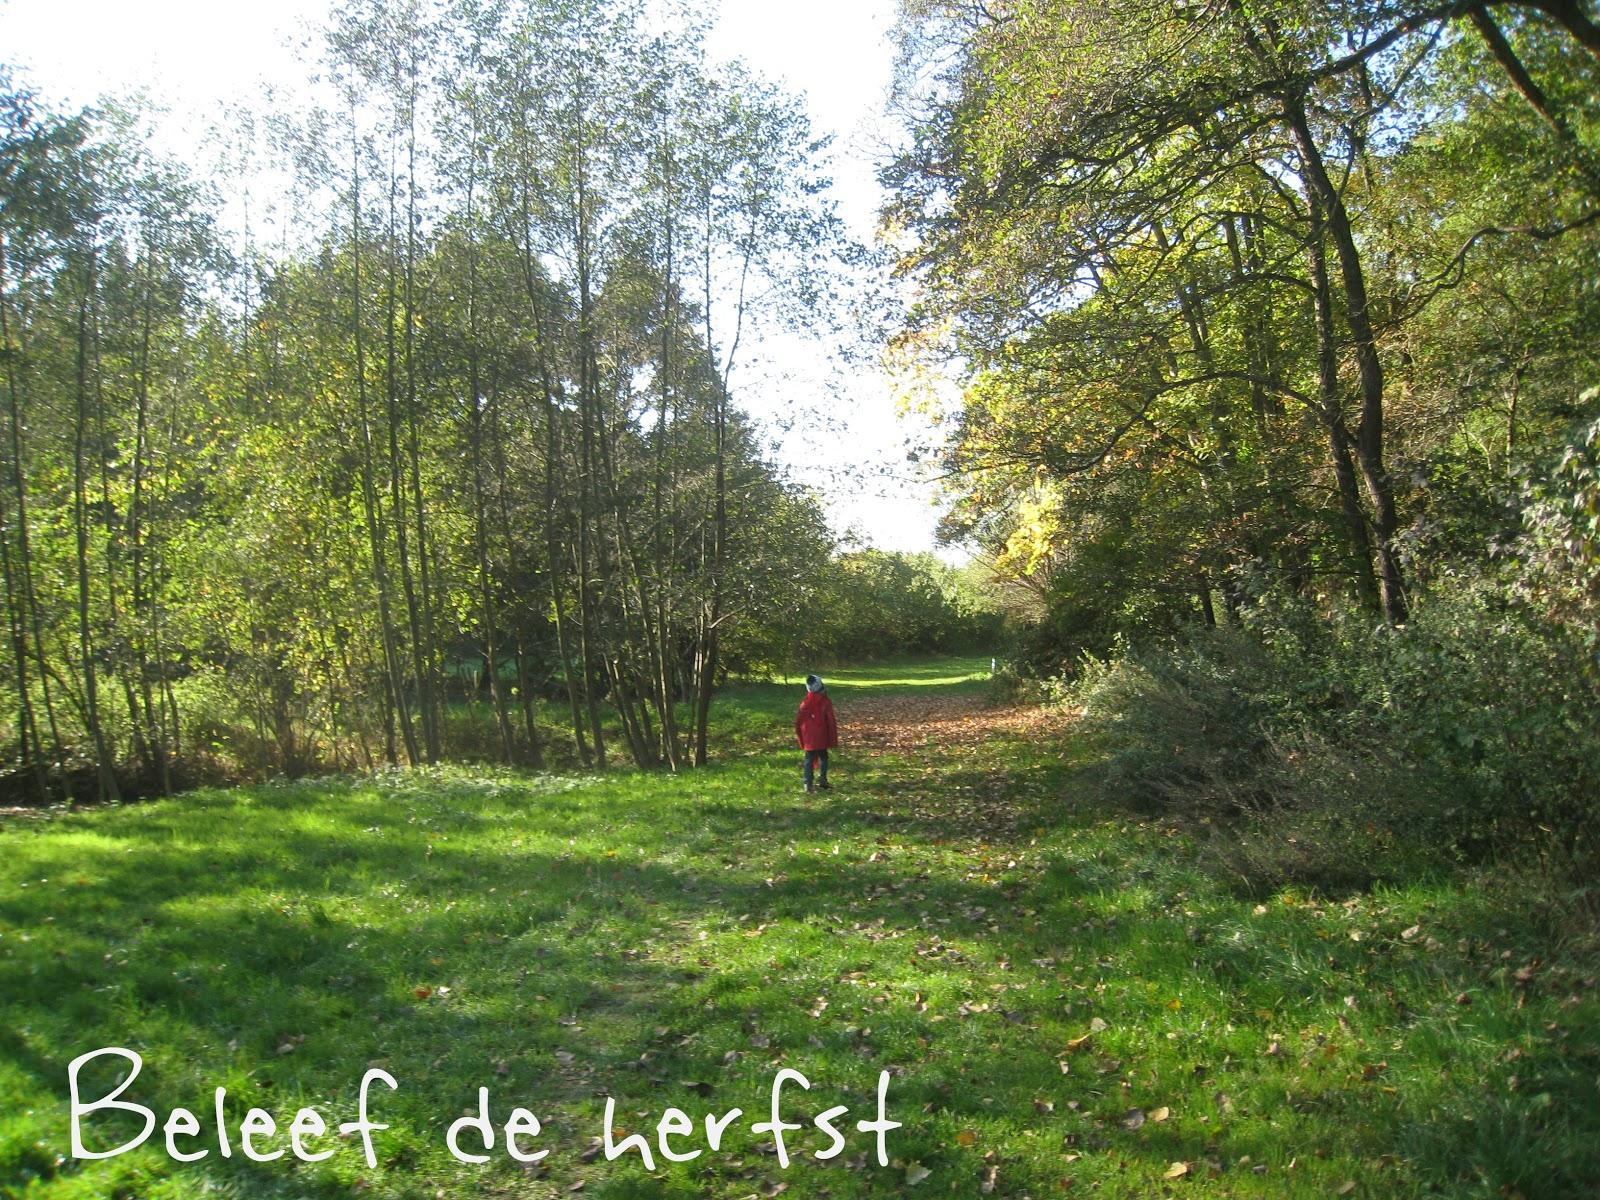 Beleef de herfst tijdens een boswandeling